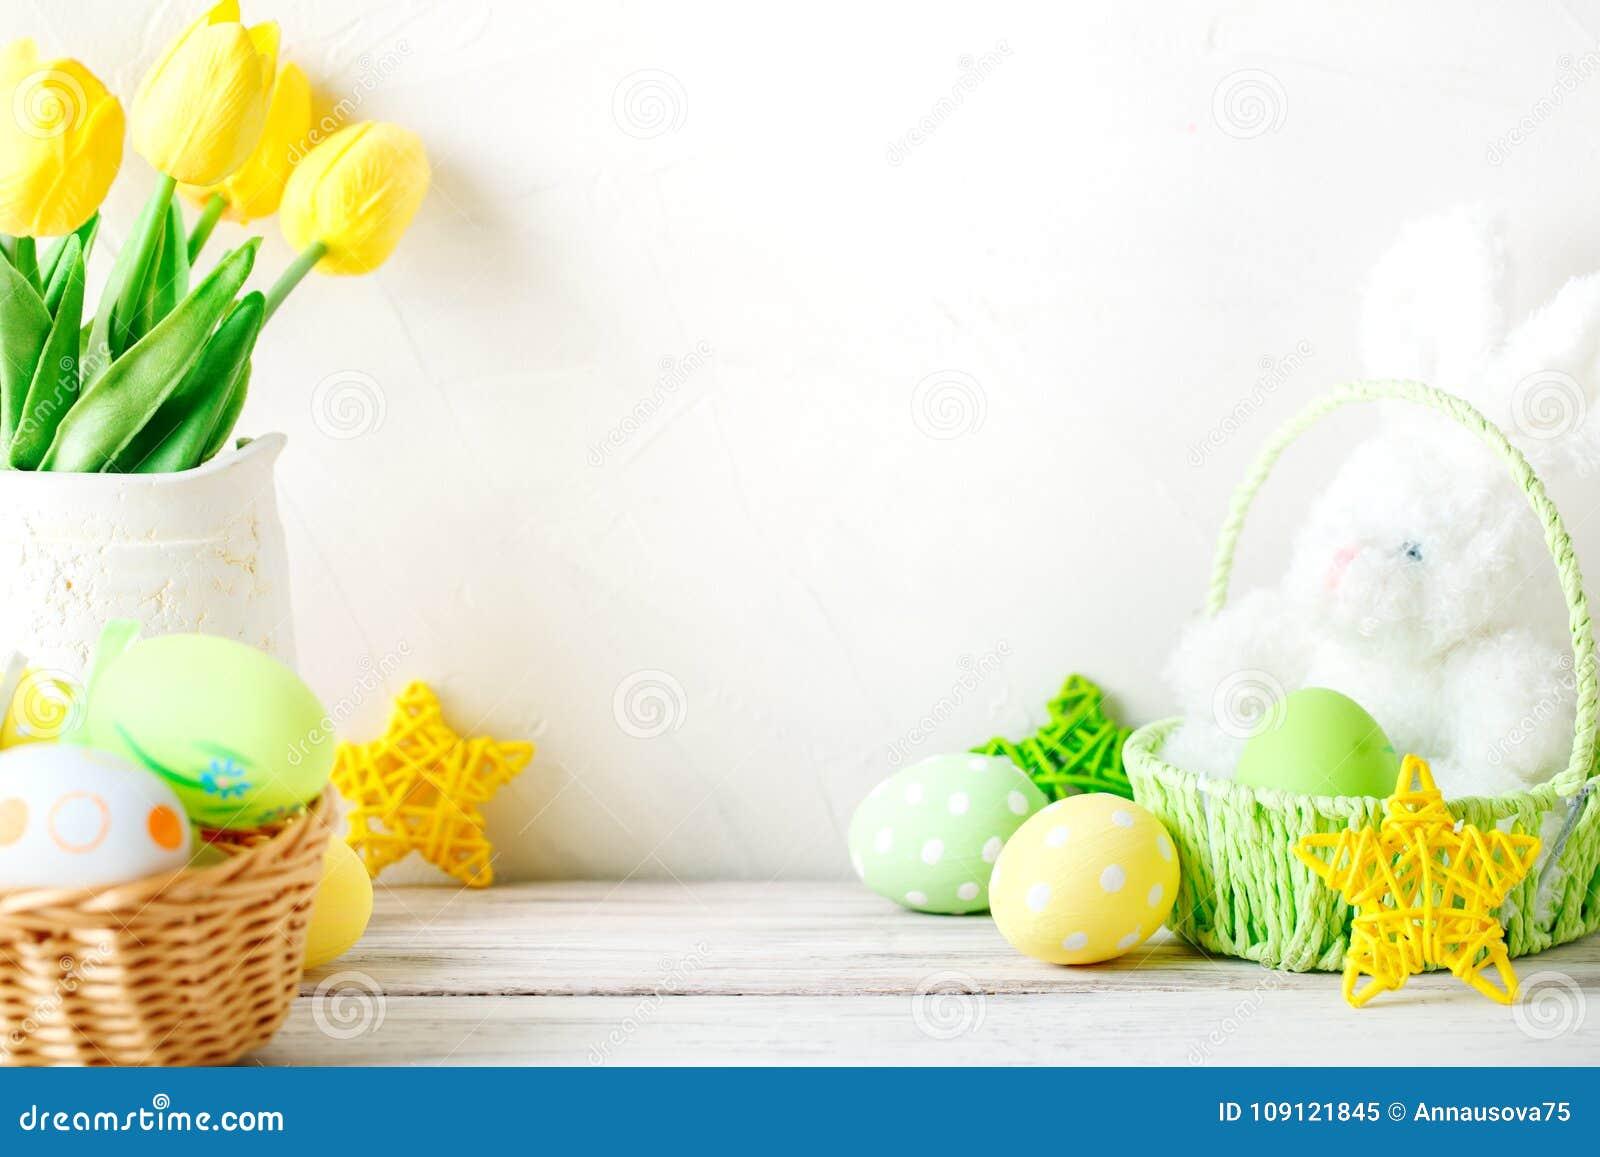 Gelukkige Pasen Felicitatiepasen-achtergrond Paaseieren en konijn